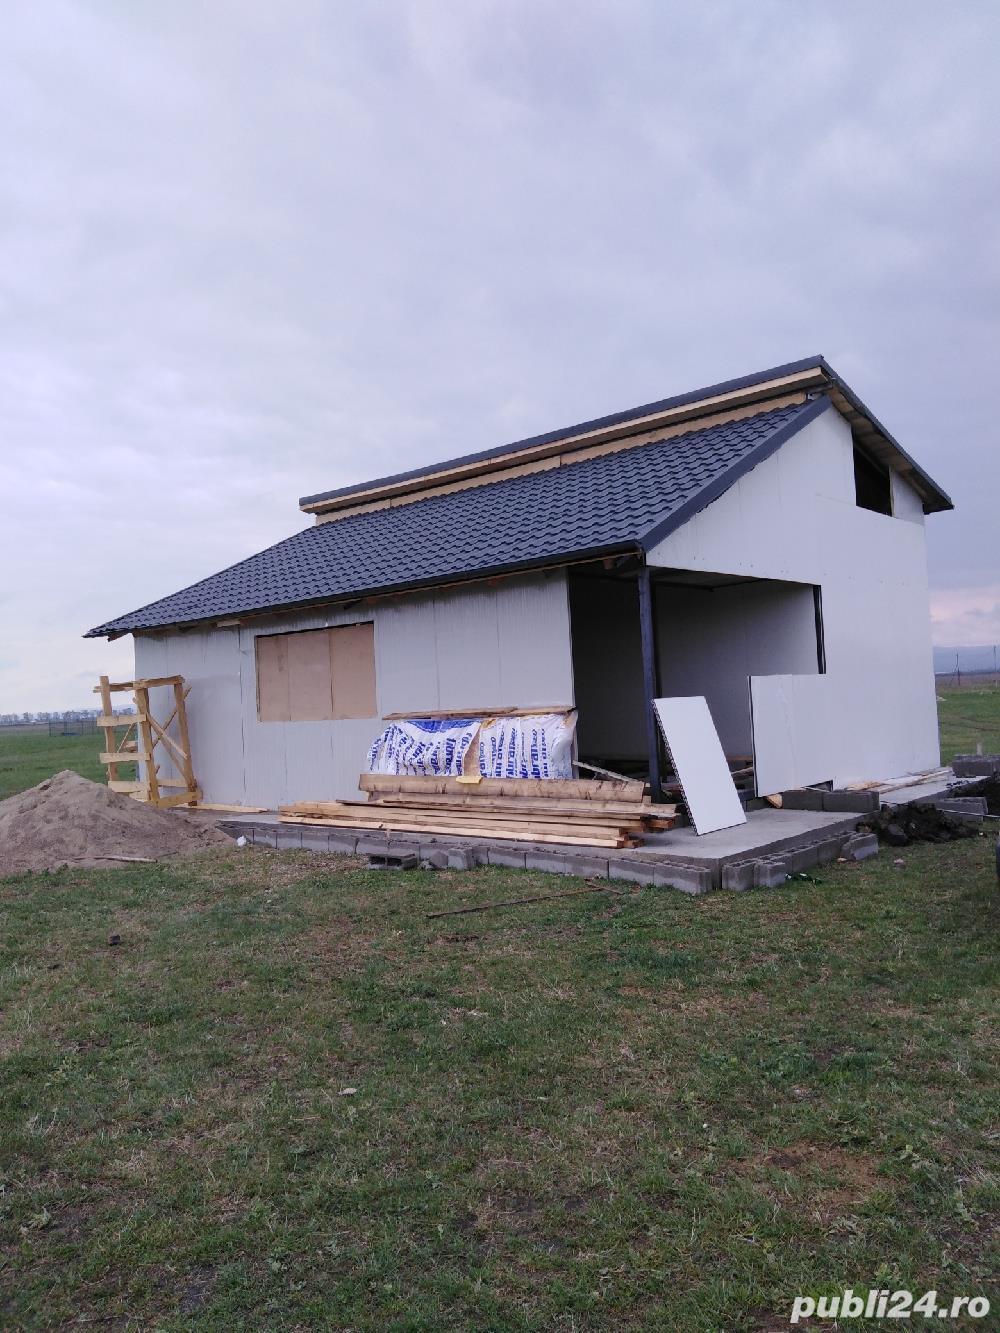 Constructi metalice tip containere, locuințe, garaje, birouri etc.